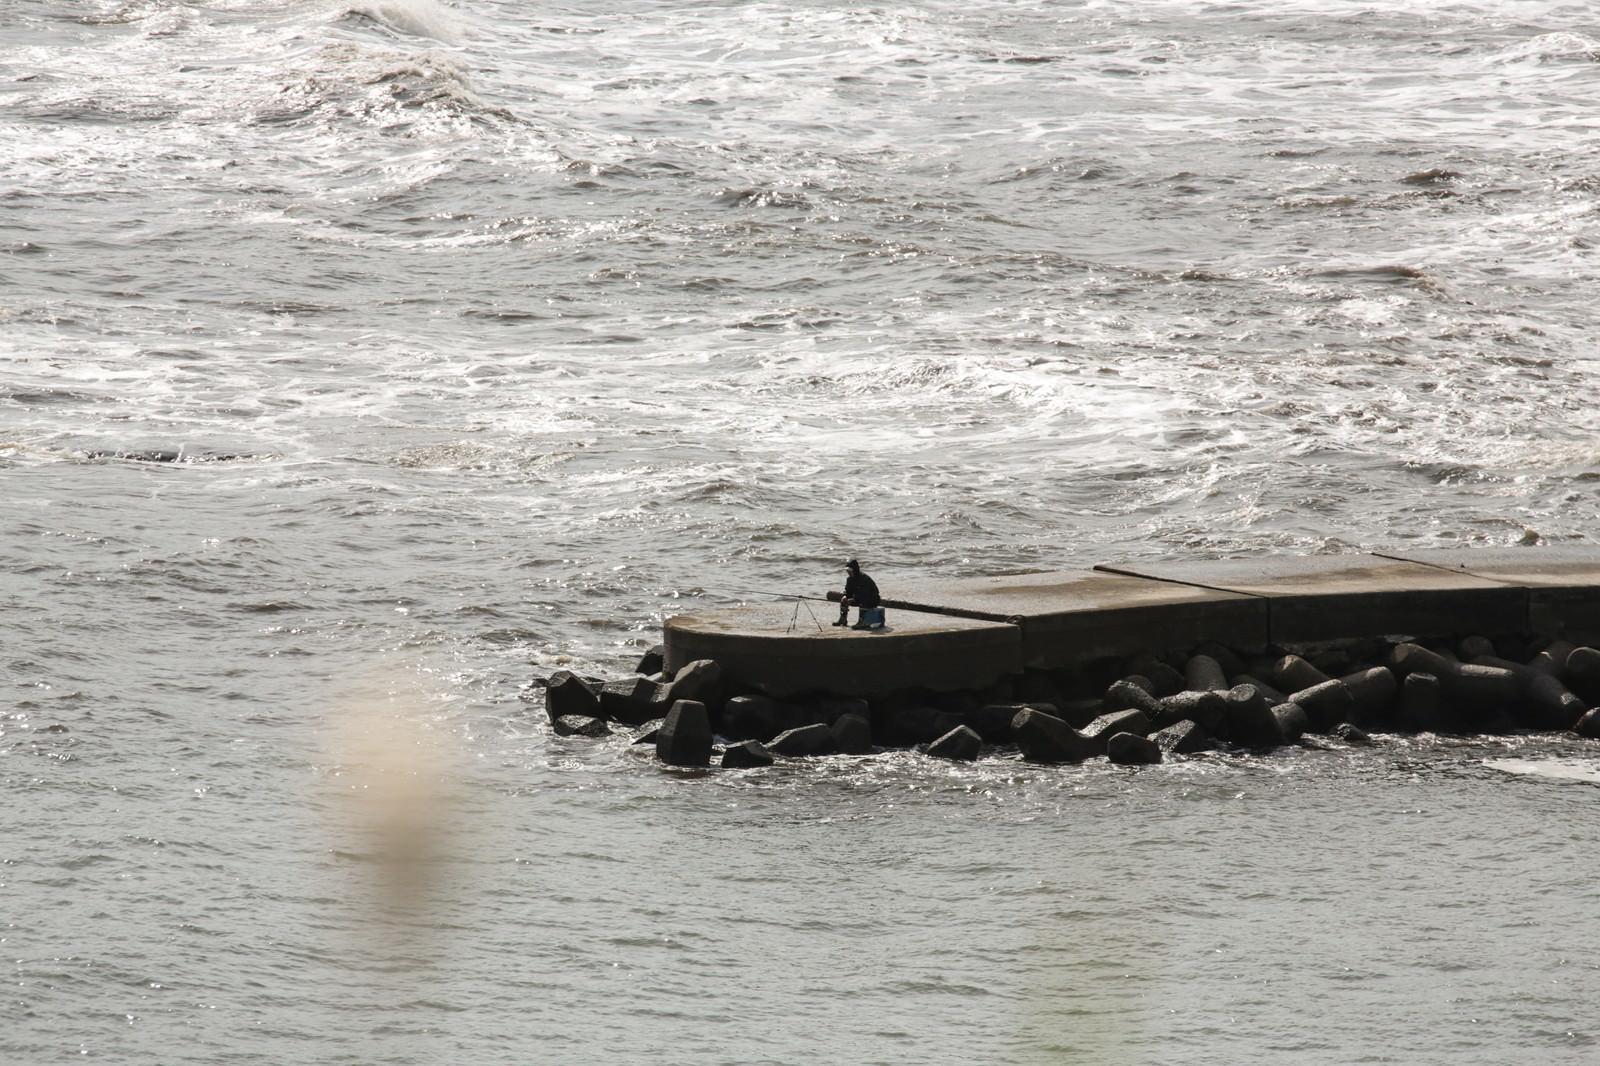 「孤高の釣り人」の写真